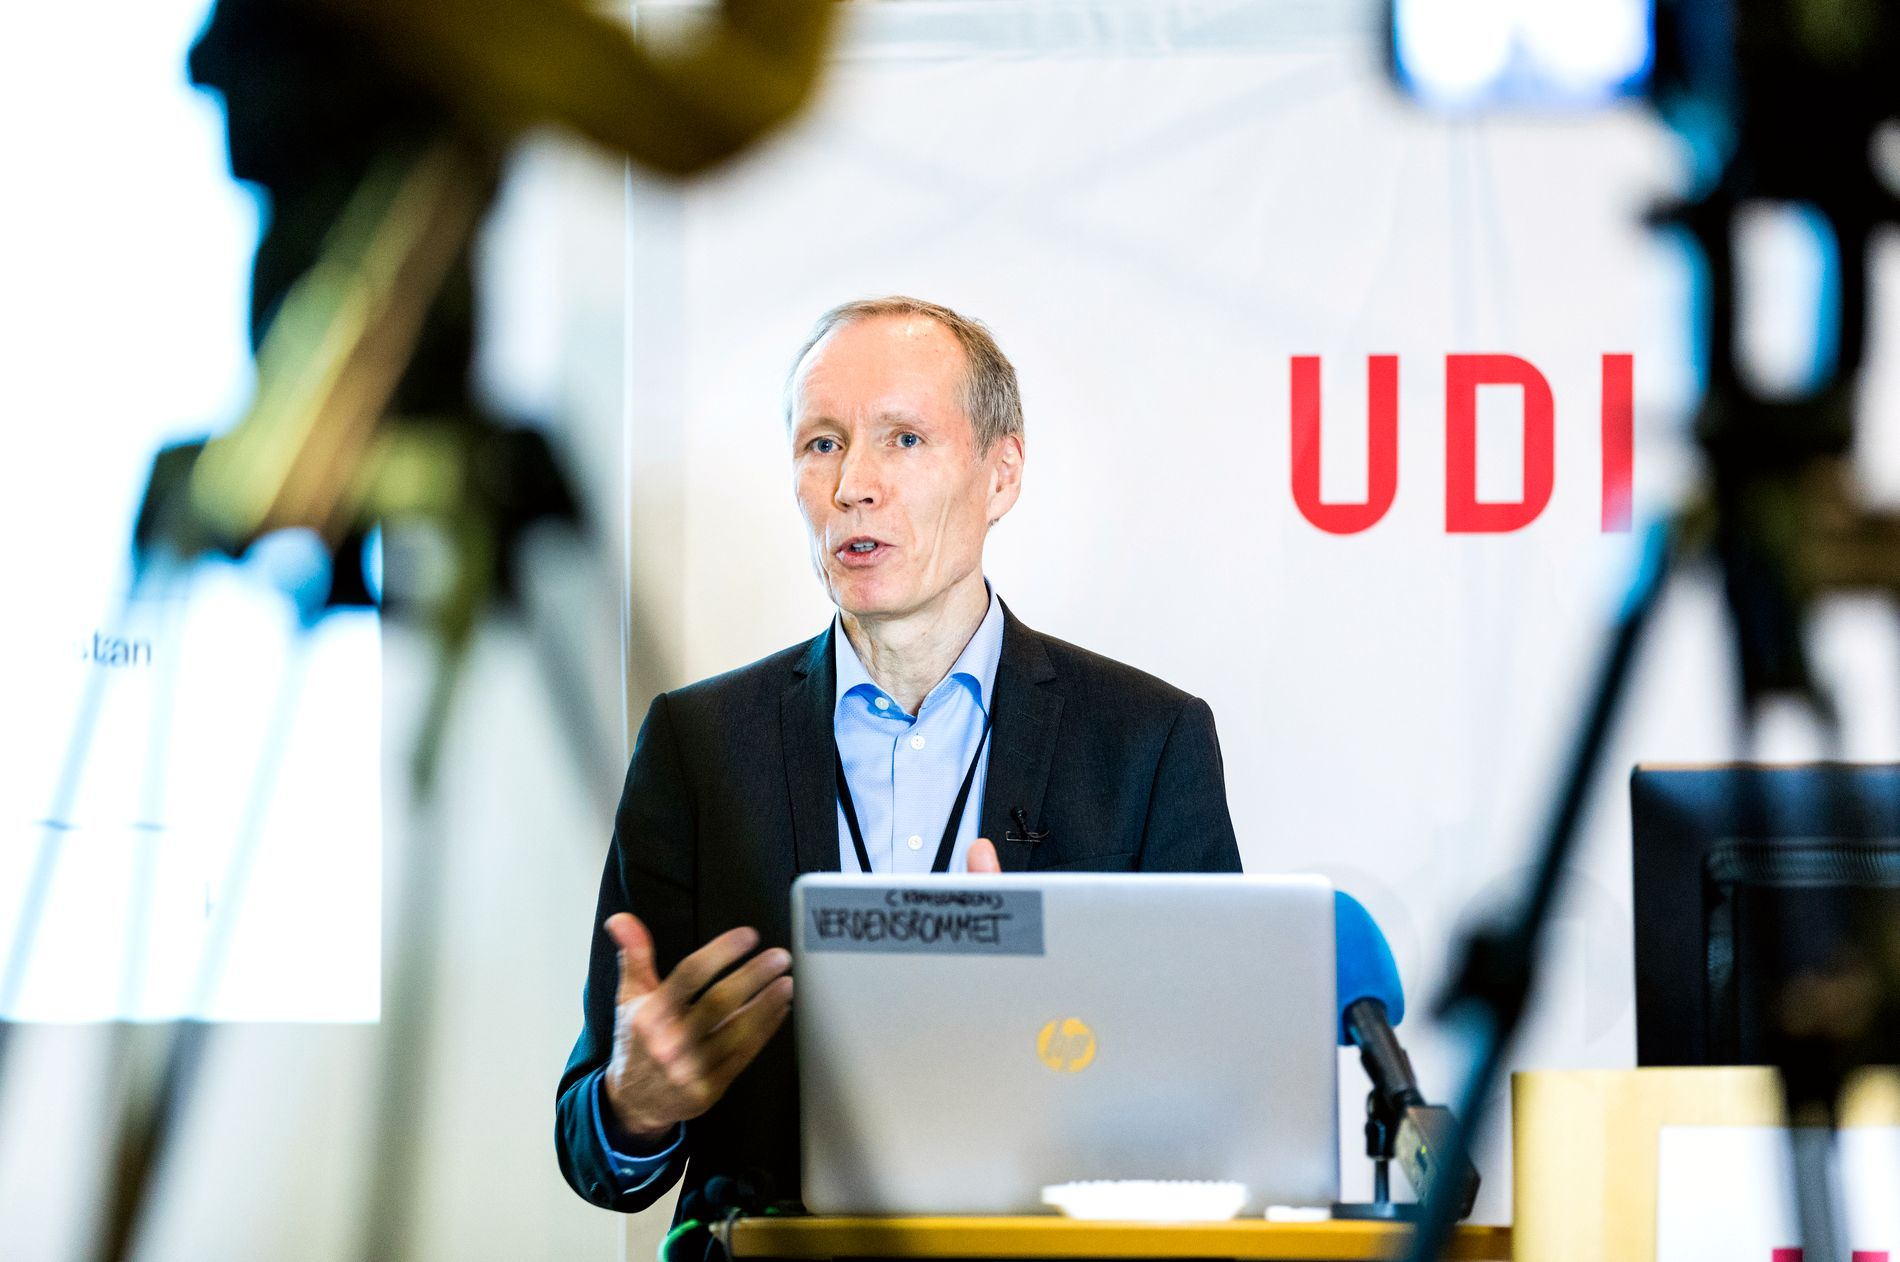 OPPDATERE SEG: UDI-direktør Frode Forfang sier UDI vil prioritere å hente inn oppdatert informasjon fra andre europeiske land, om hvordan de behandler asylsøknadene fra denne gruppen, for å forsikre seg om at Norge behandler sakene på en korrekt måte.